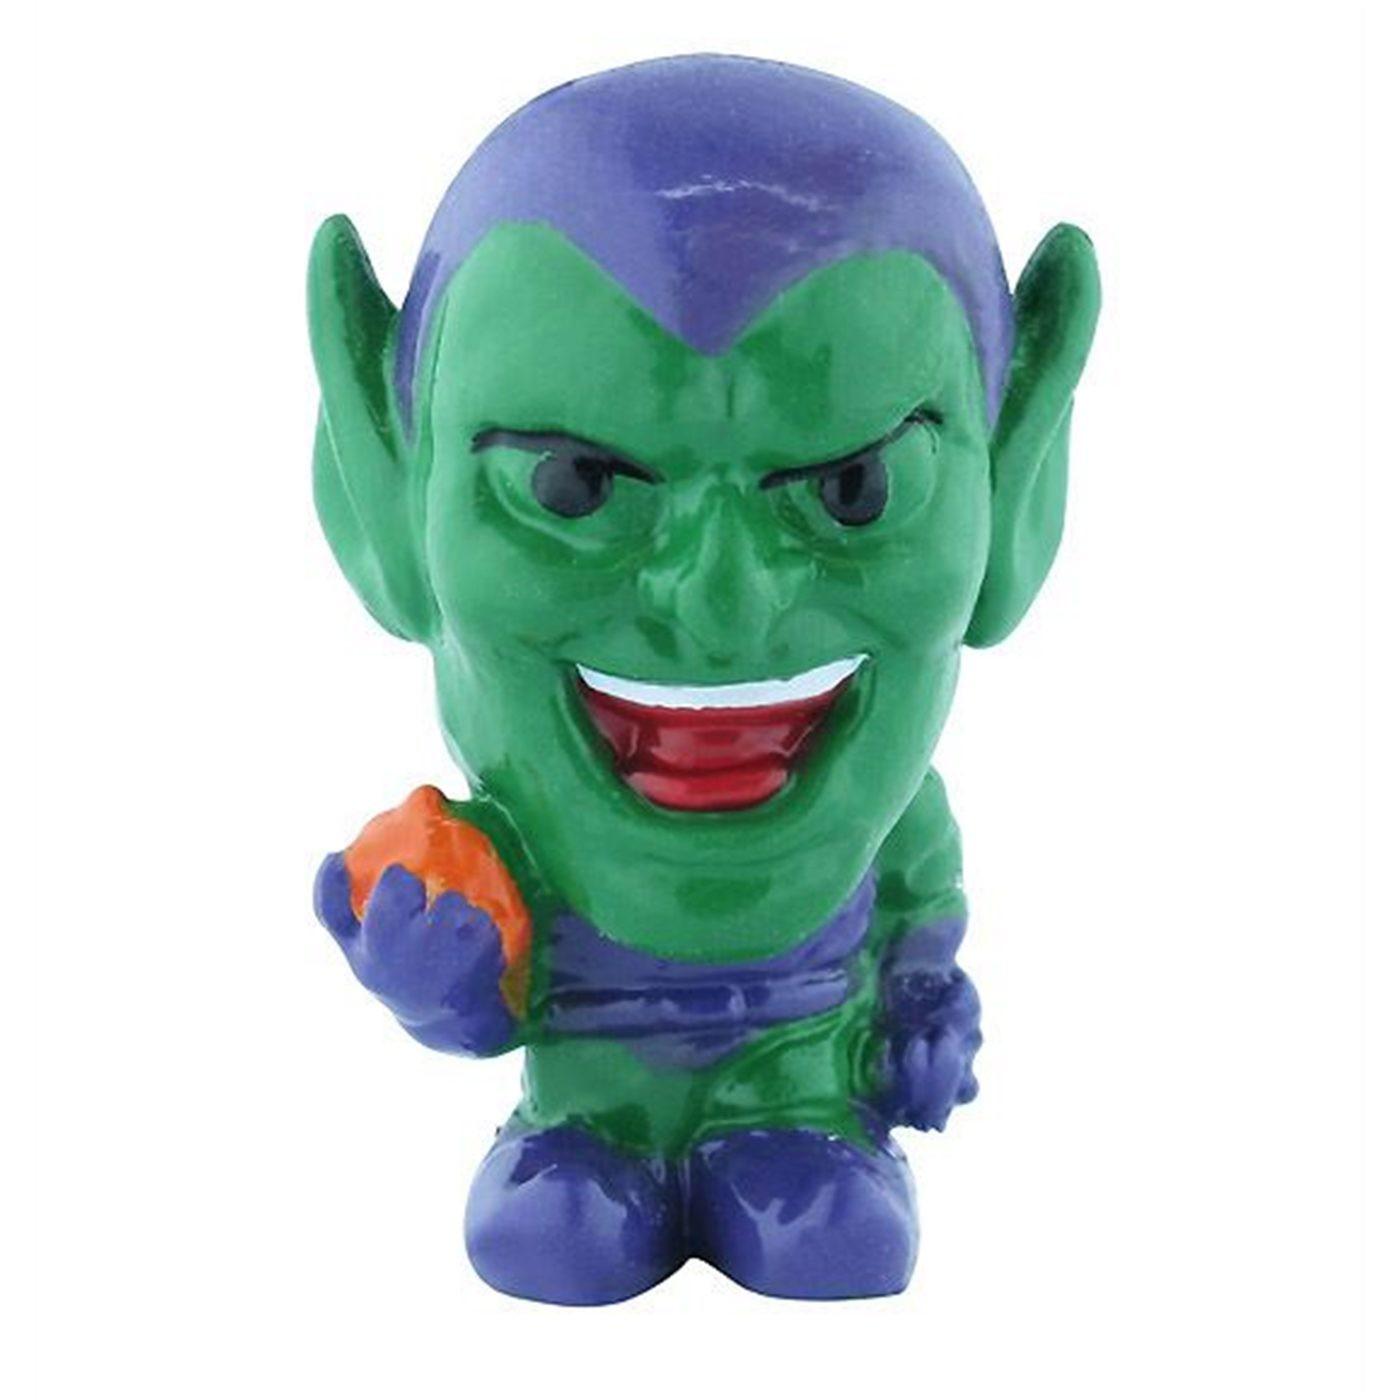 Green Goblin Deformed Pencil Eraser